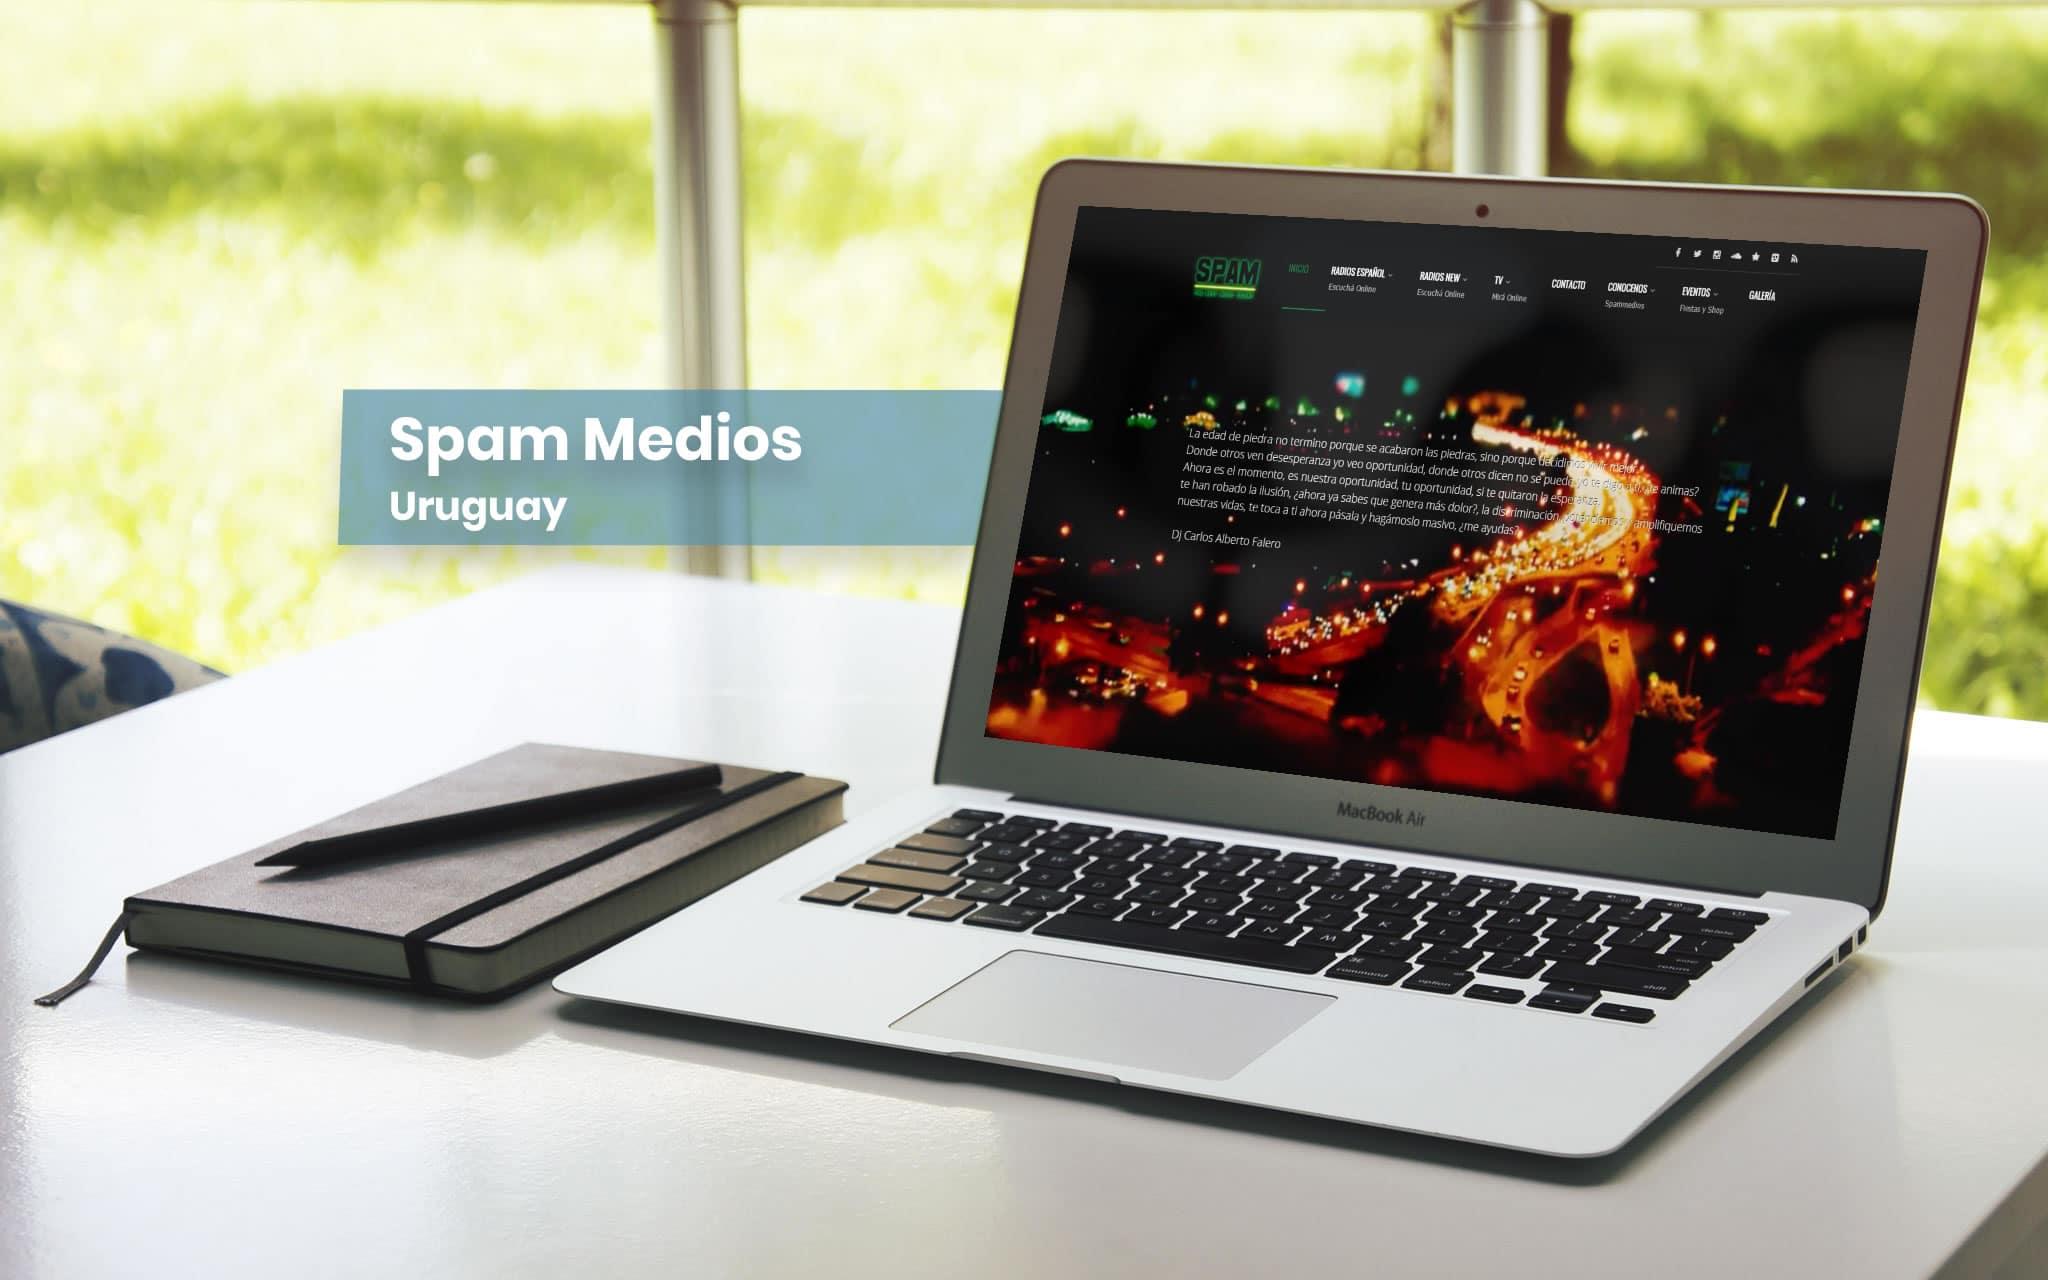 Spam Medios - Uruguay